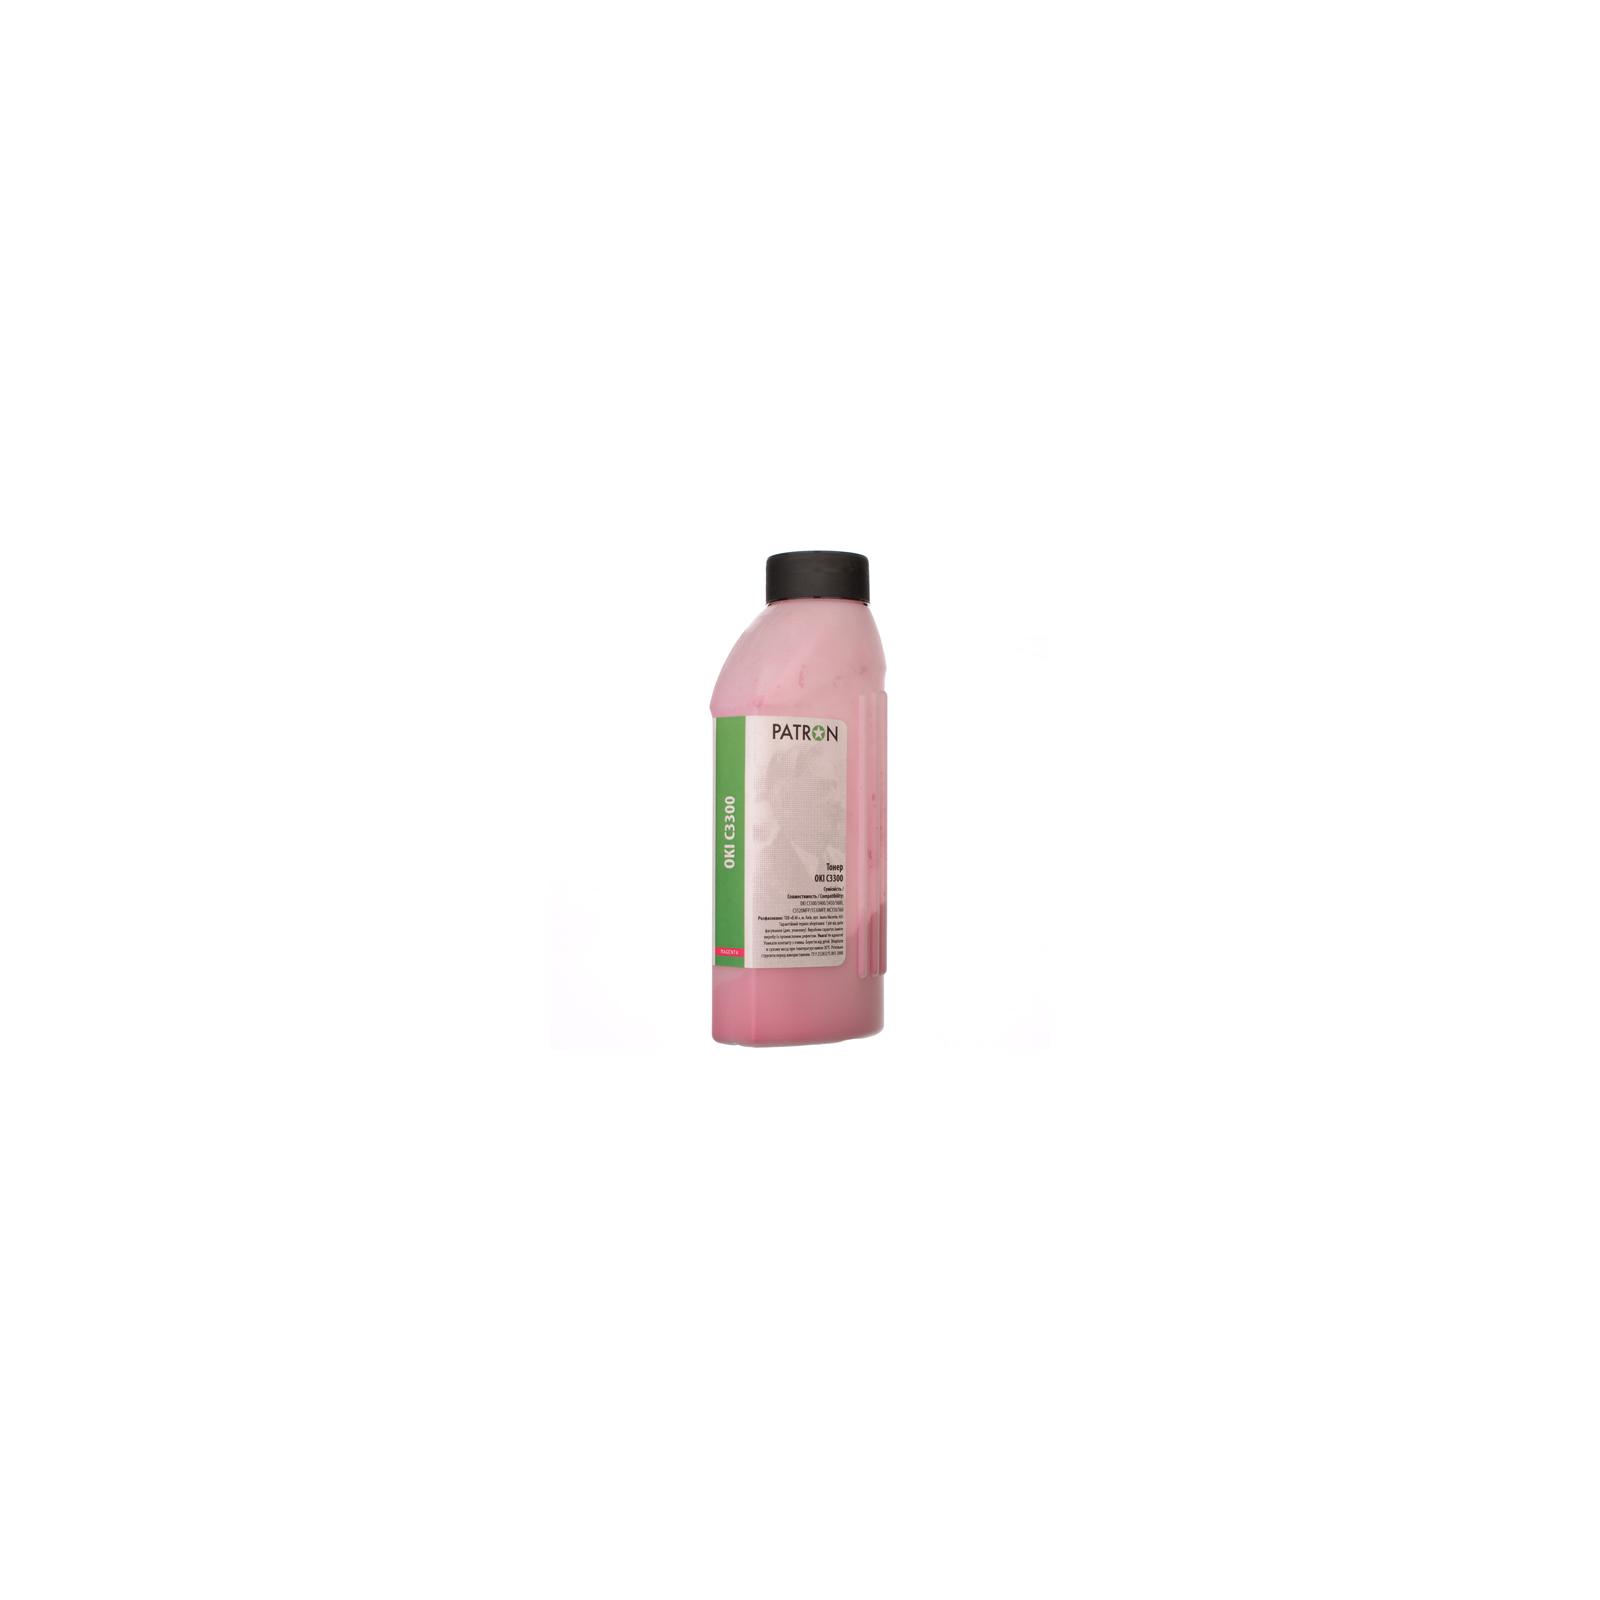 Тонер PATRON OKI C3300 MAGENTA 50г (T-PN-OC3300-M-050)